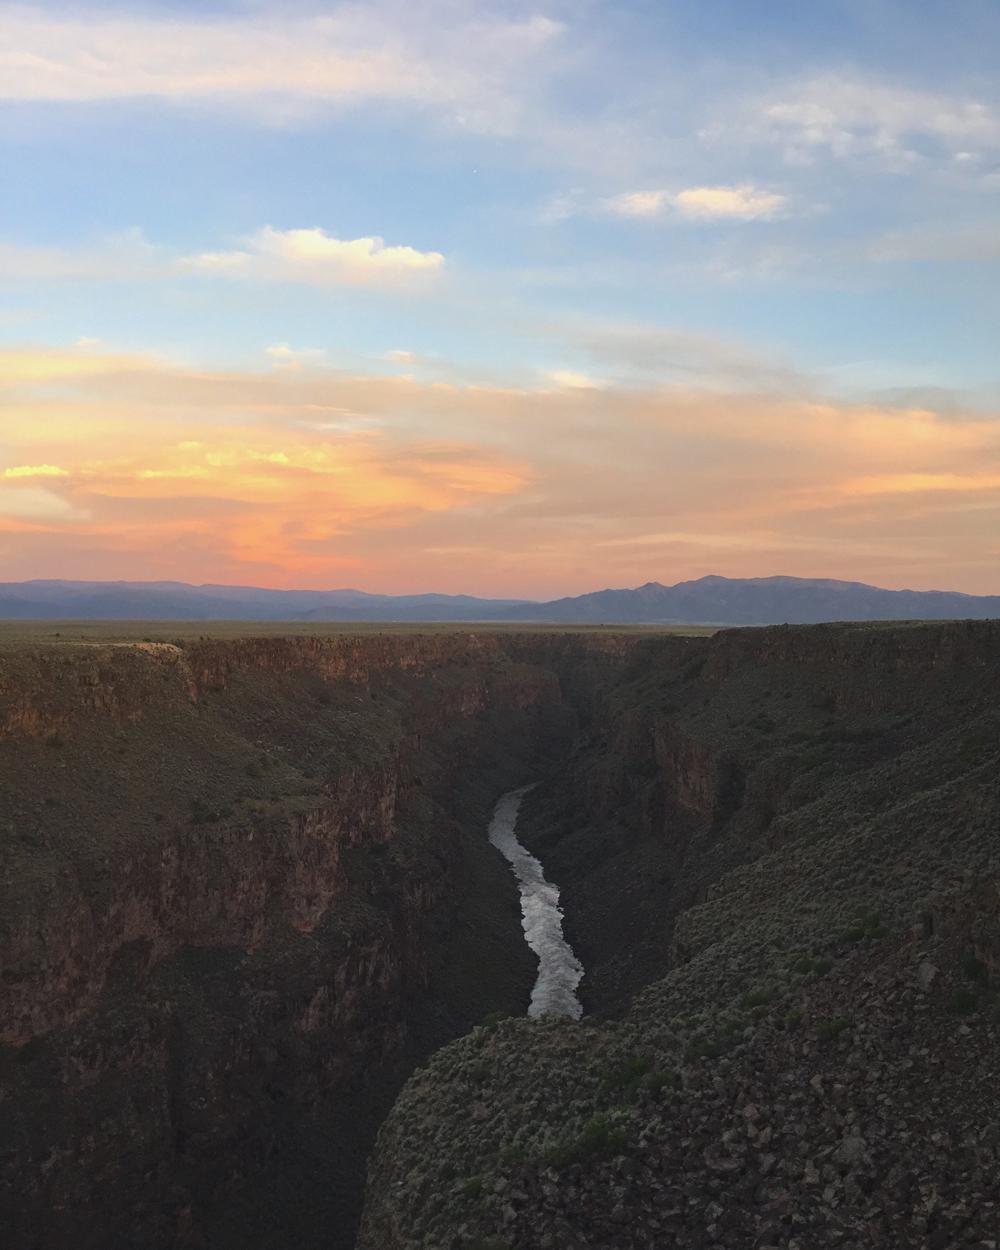 The Rio Grande Gorge, water through rock